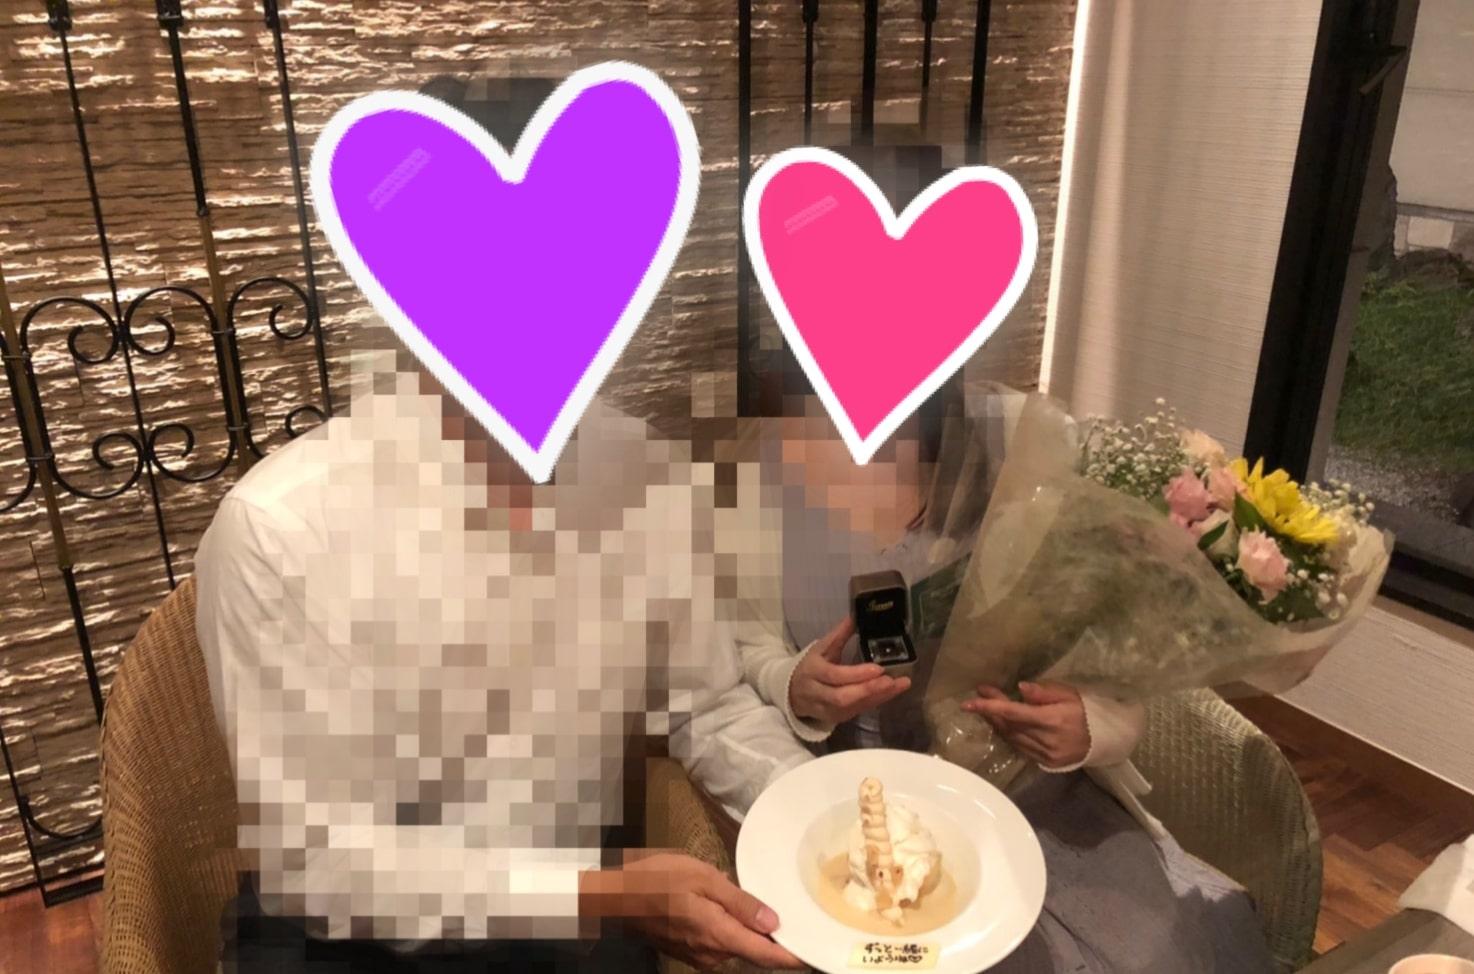 【祝プロポーズ♡】30代前半女性プロポーズいただきました♡